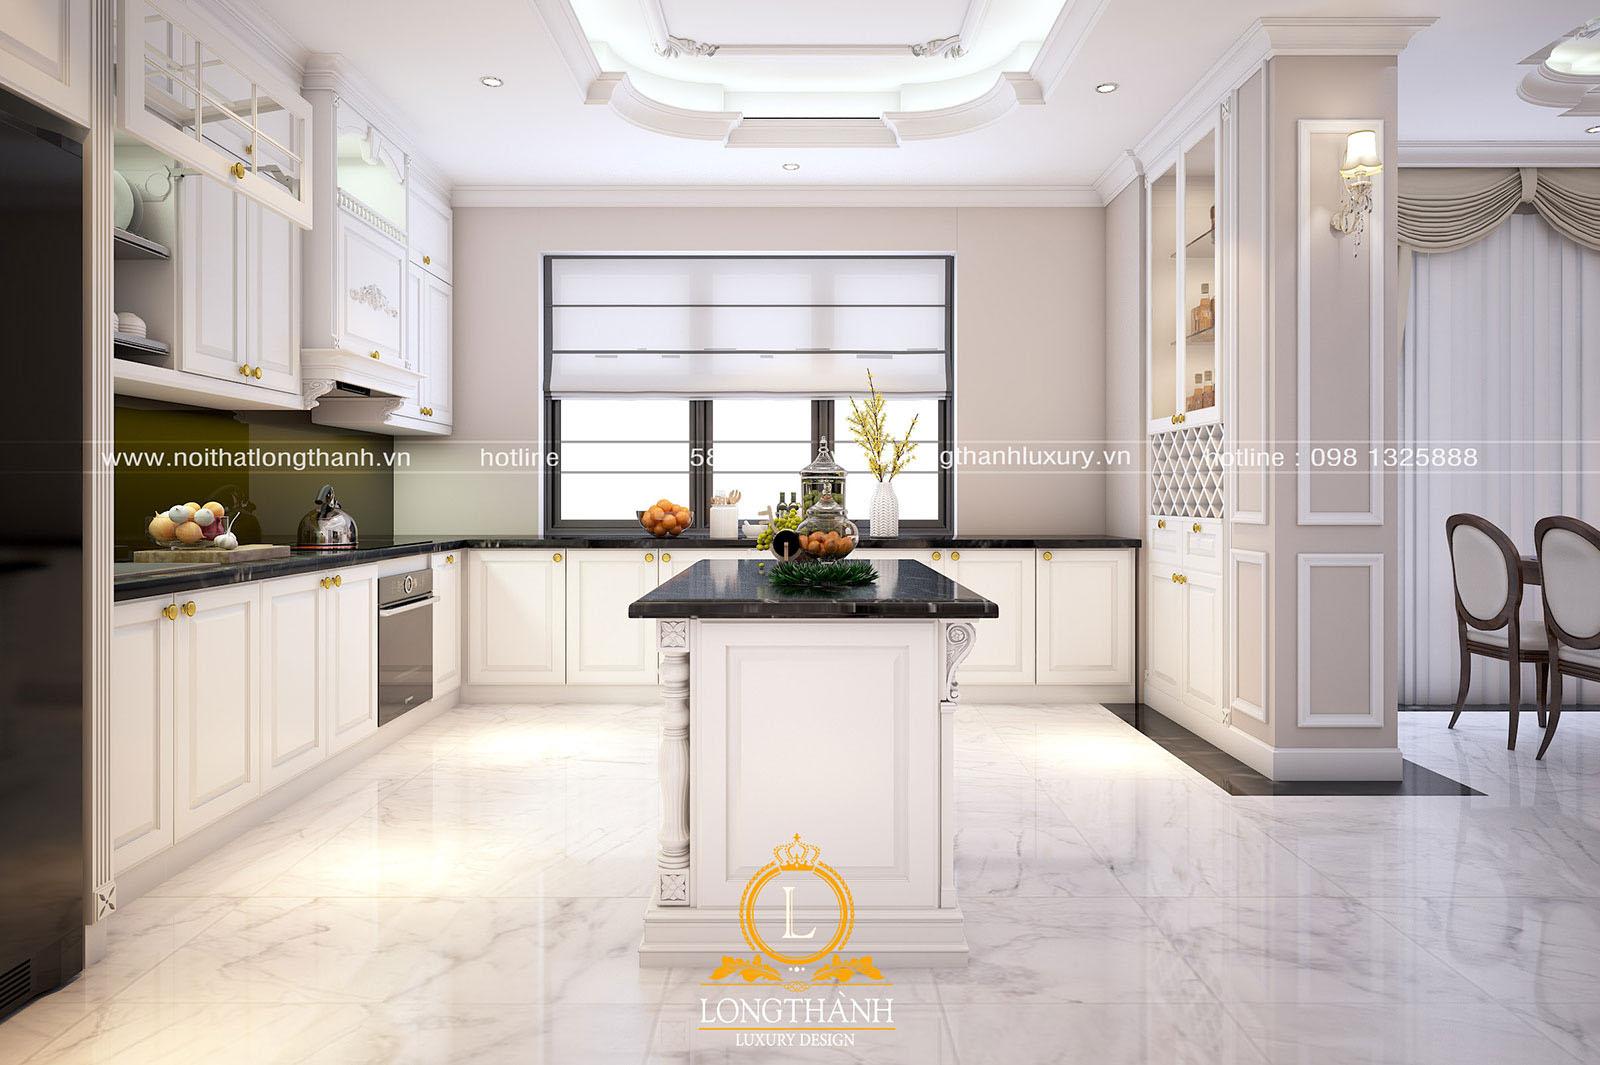 Tủ bếp gỗ tự nhiên sơn trắng đẹp LT 63 góc nhìn thứ 1